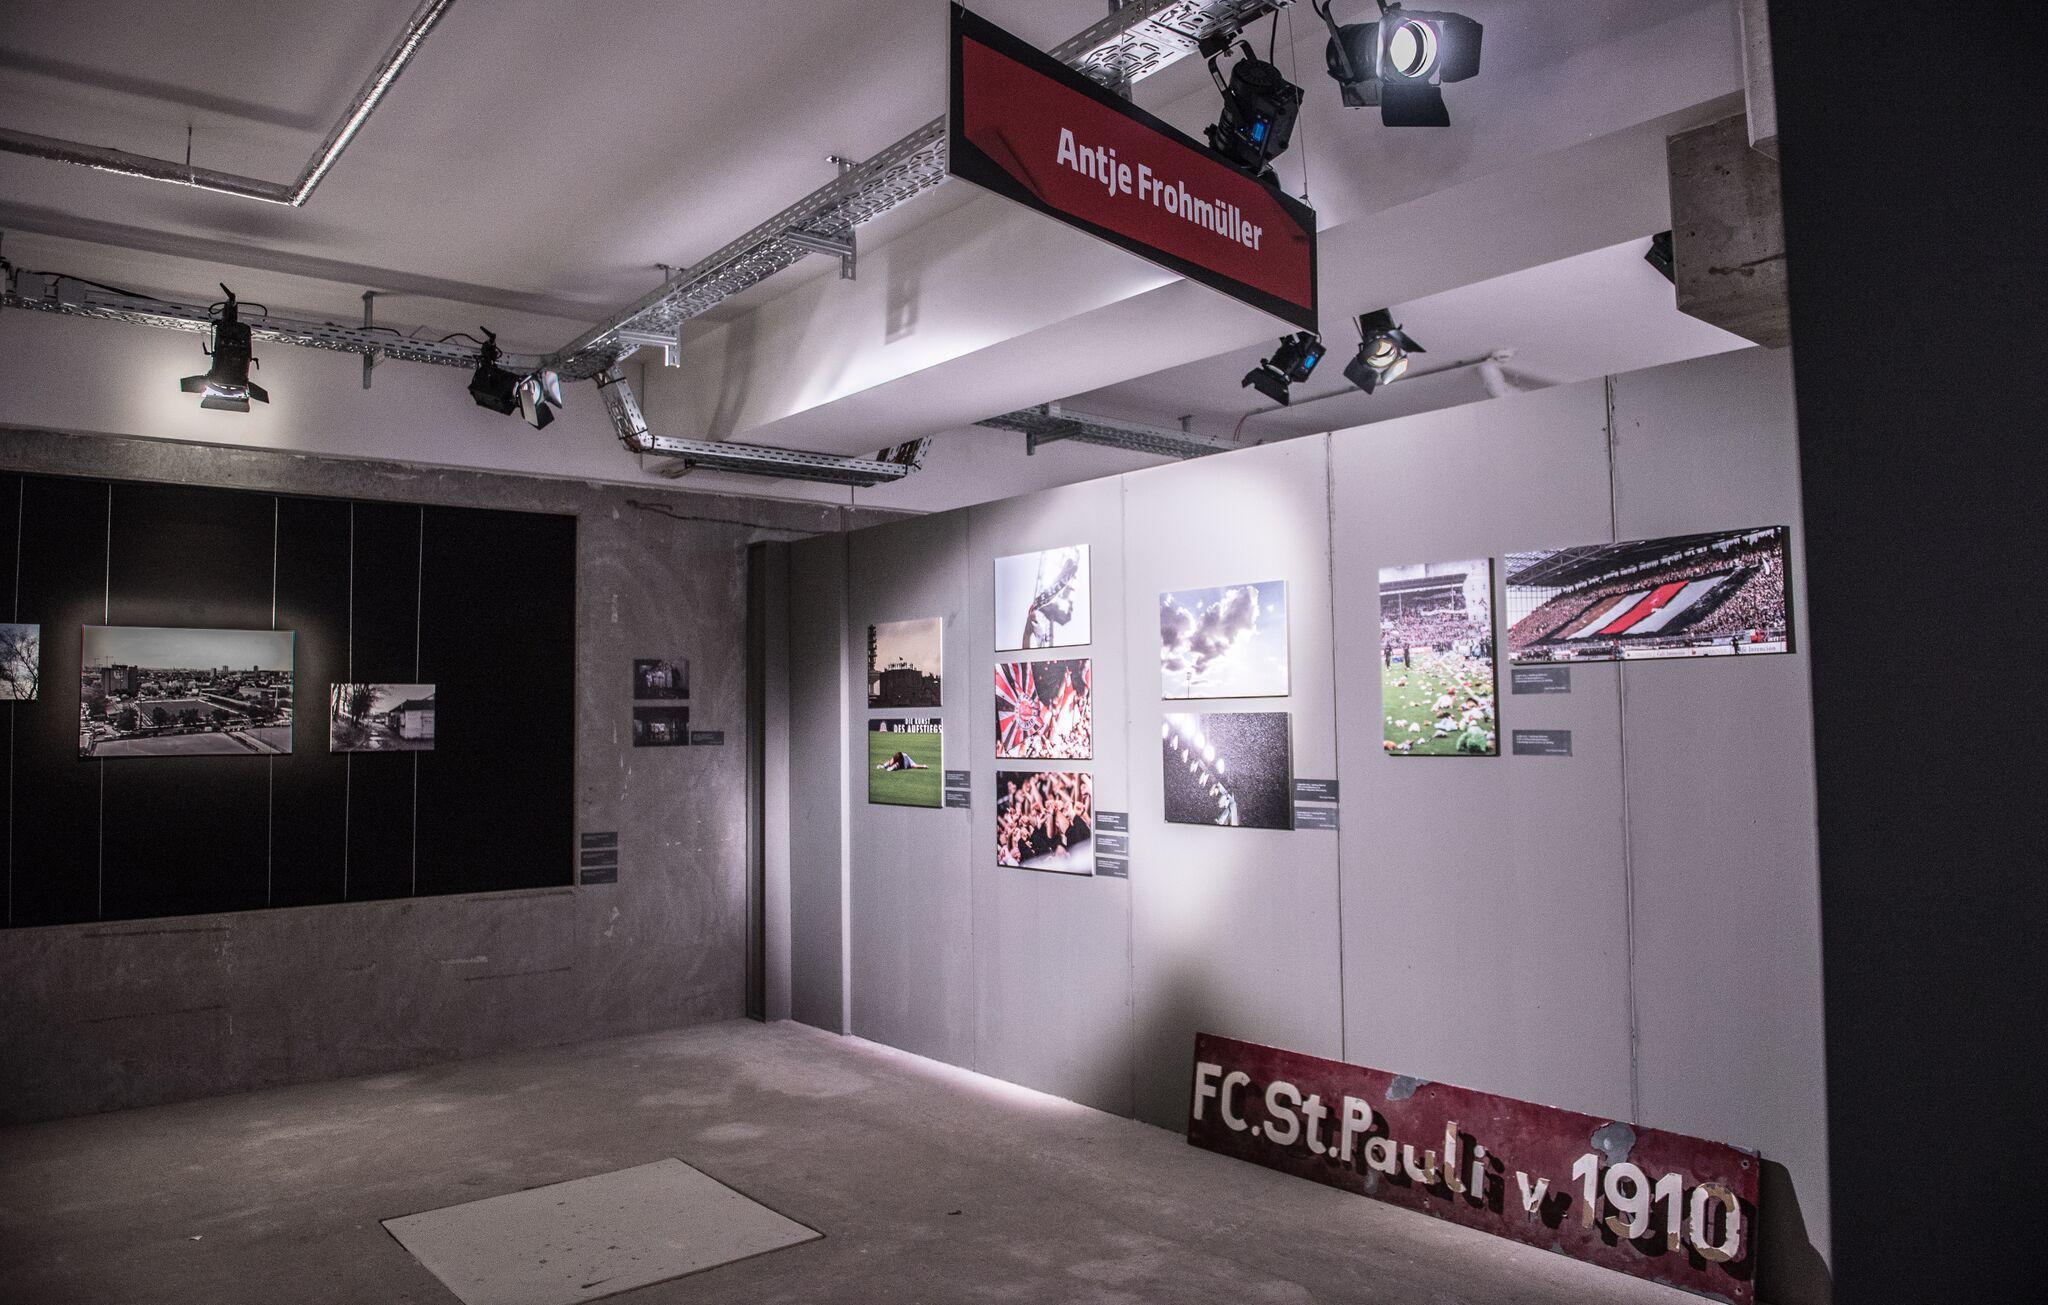 FC St. Pauli visuell: Neue Ausstellung im FCSP-Museum erfolgreich gestartet